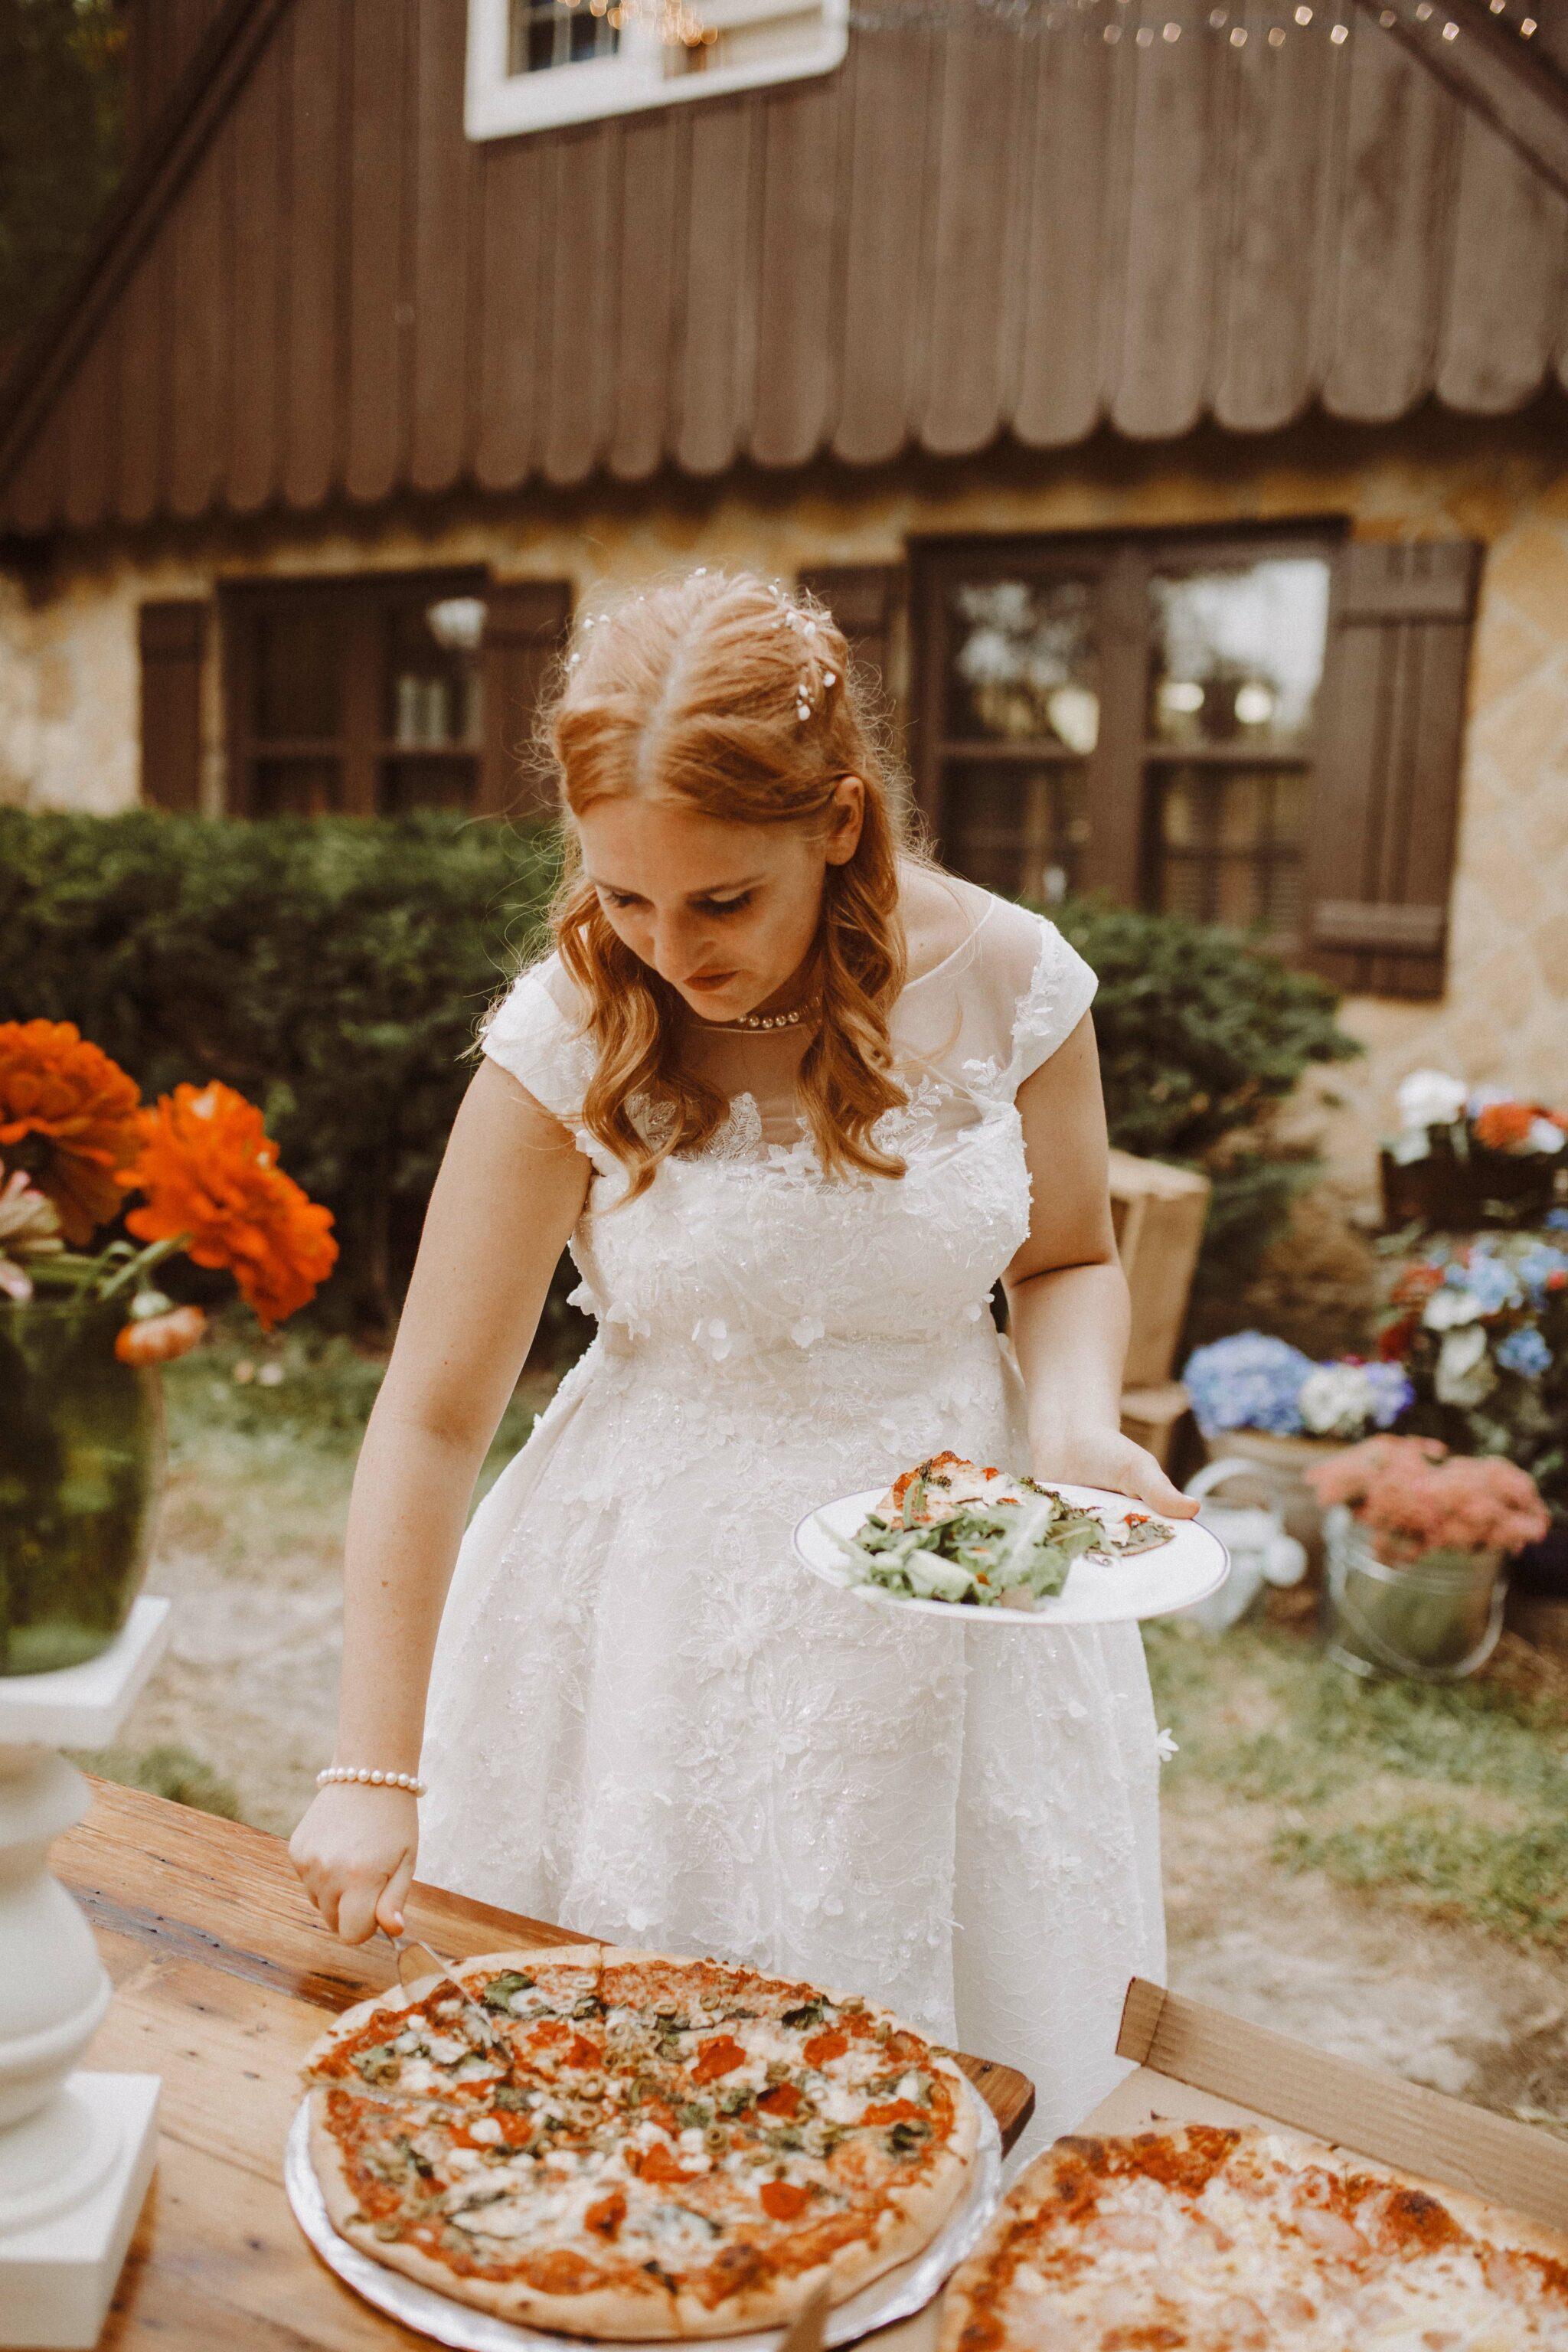 wedding bride pizza outdoor